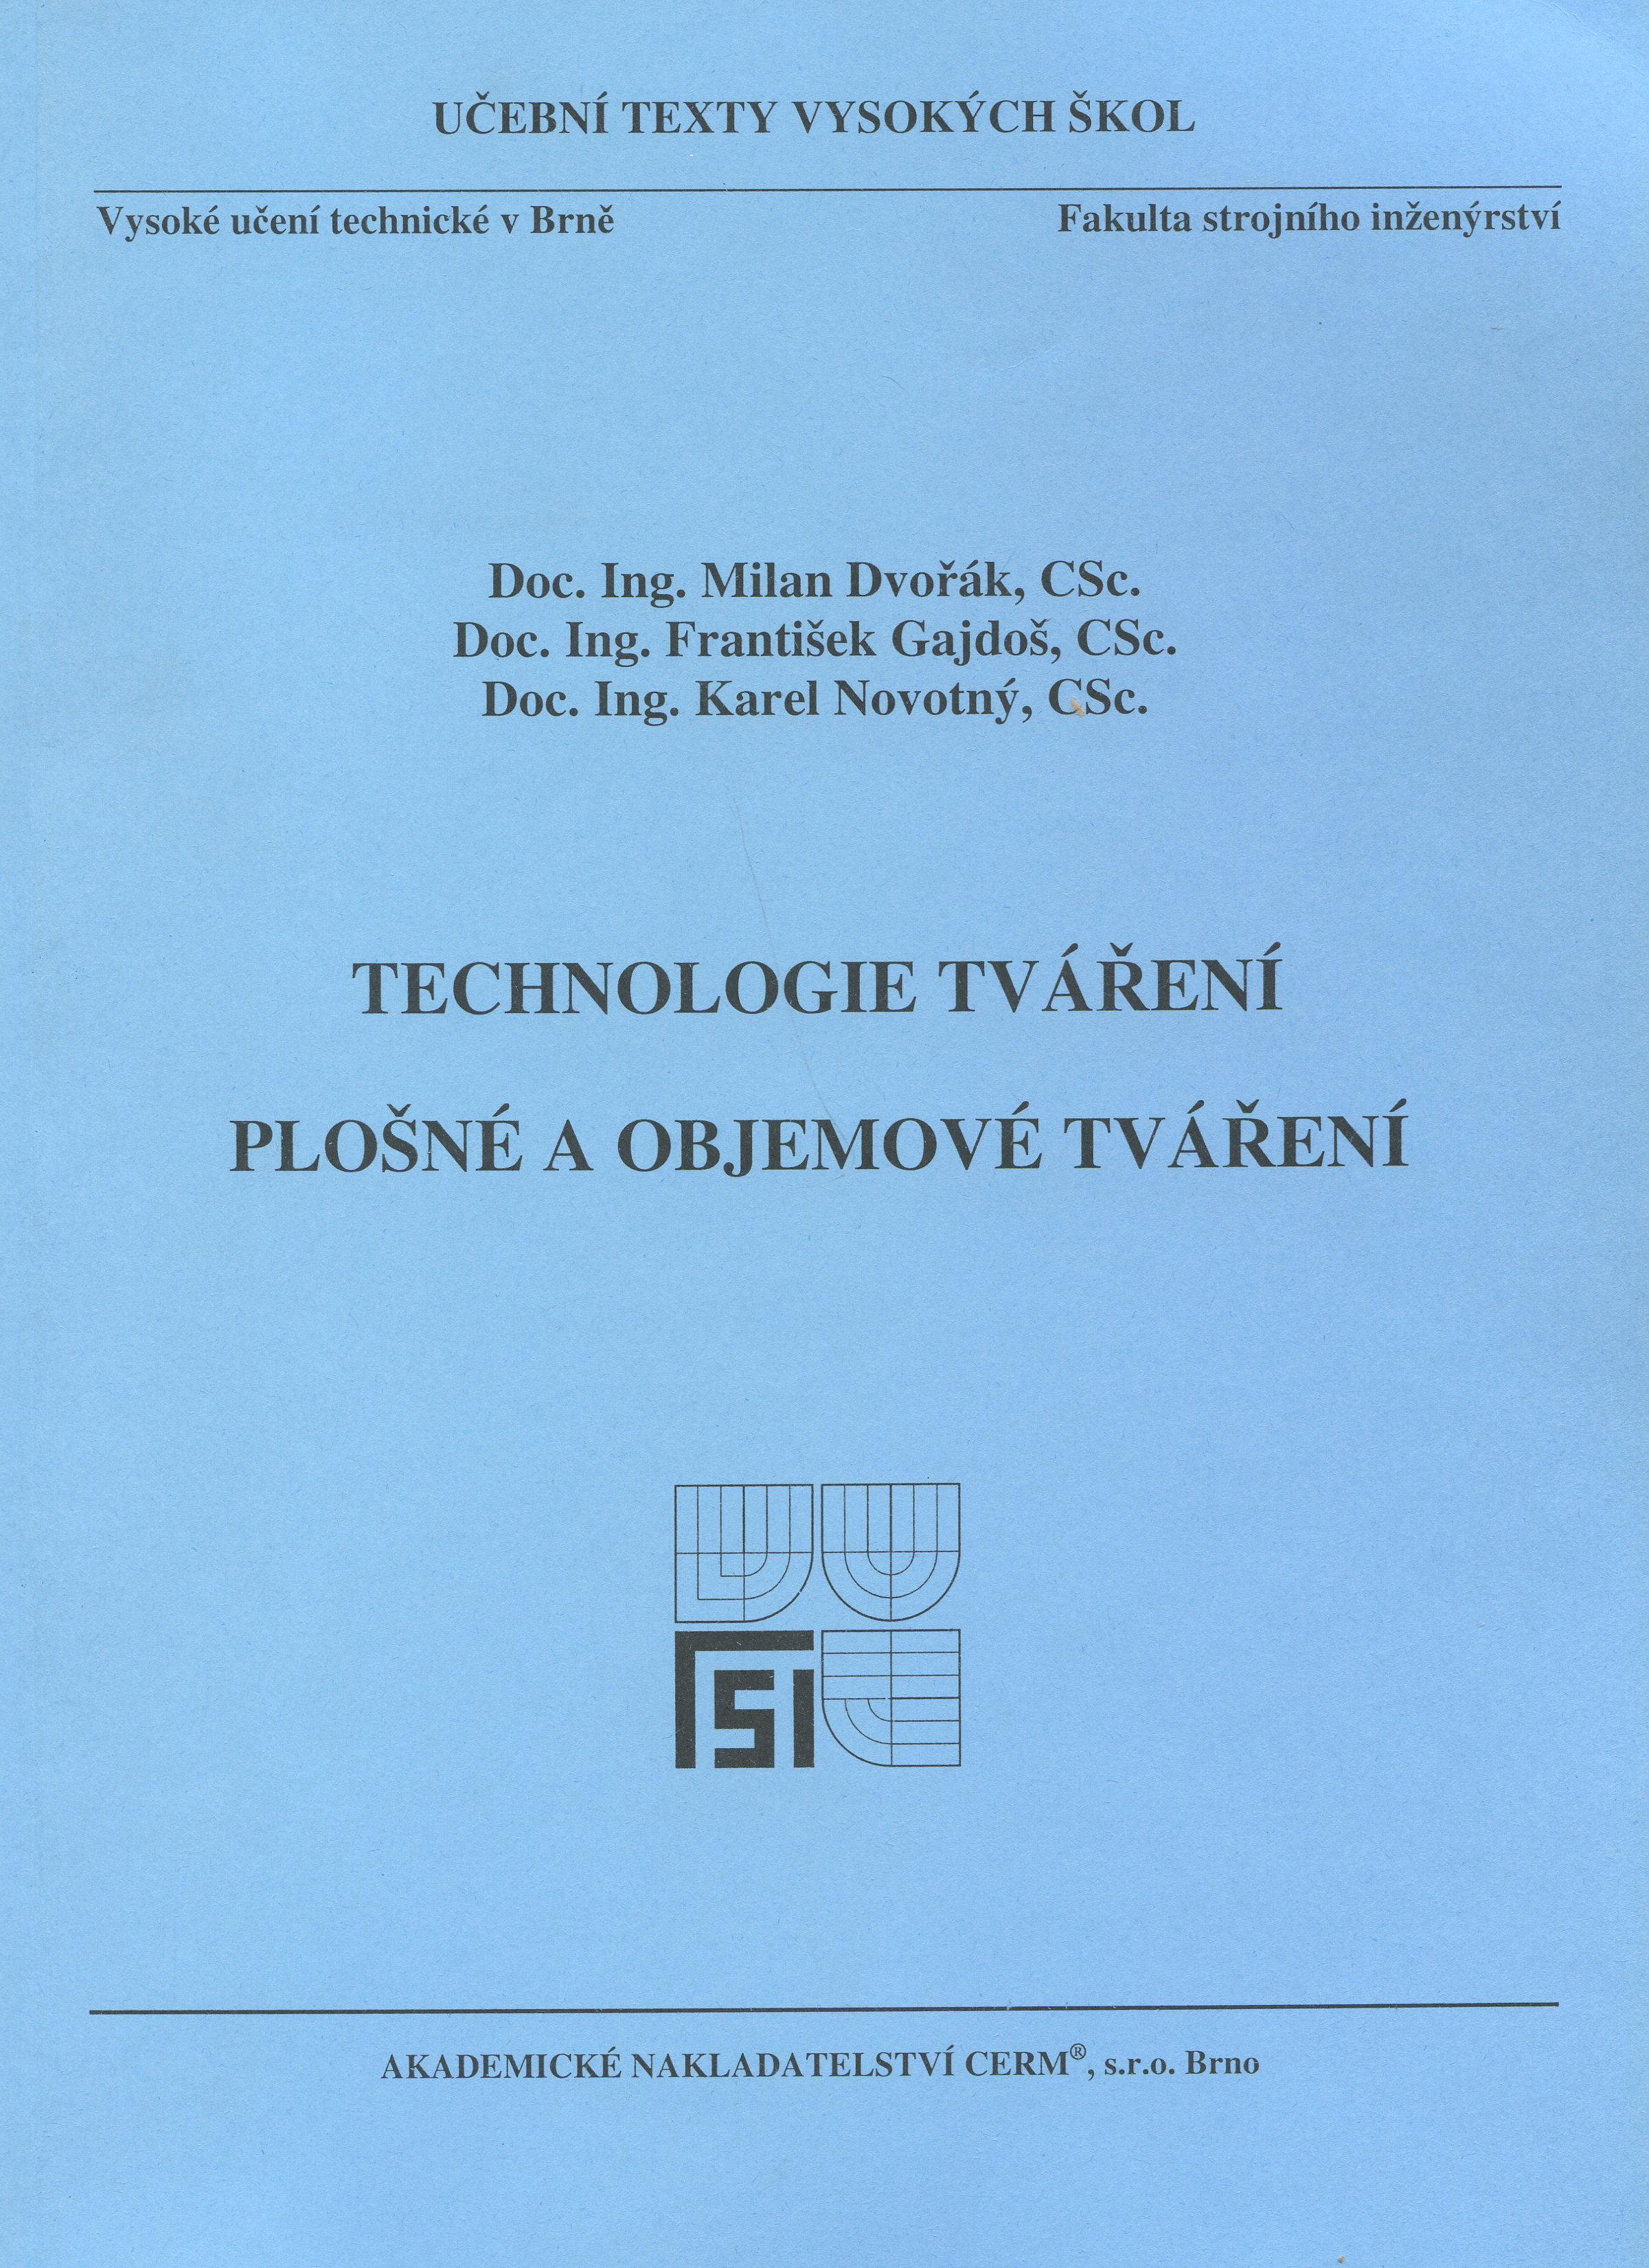 Technologie tváření - Plošné a objemové tváření